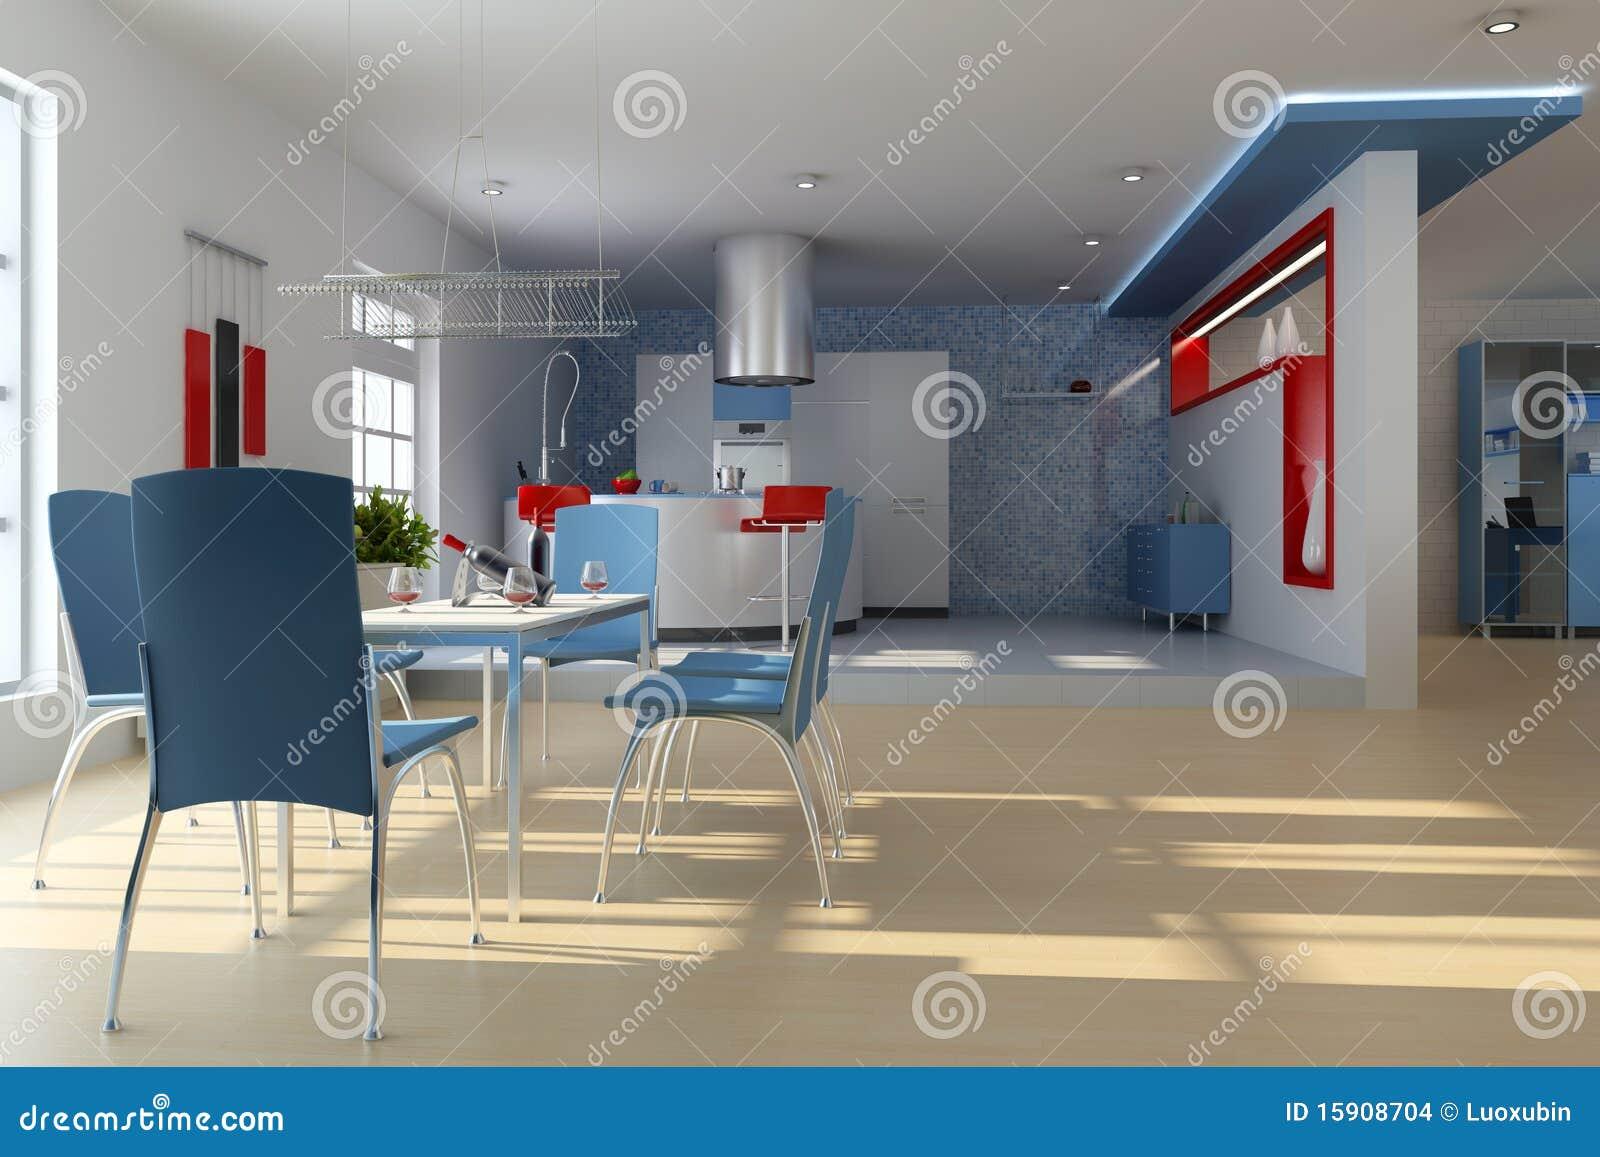 Sala Da Pranzo Moderna Immagini Stock Immagine: 15908704 #811F1E 1300 957 La Cucina Disegni Per Bambini